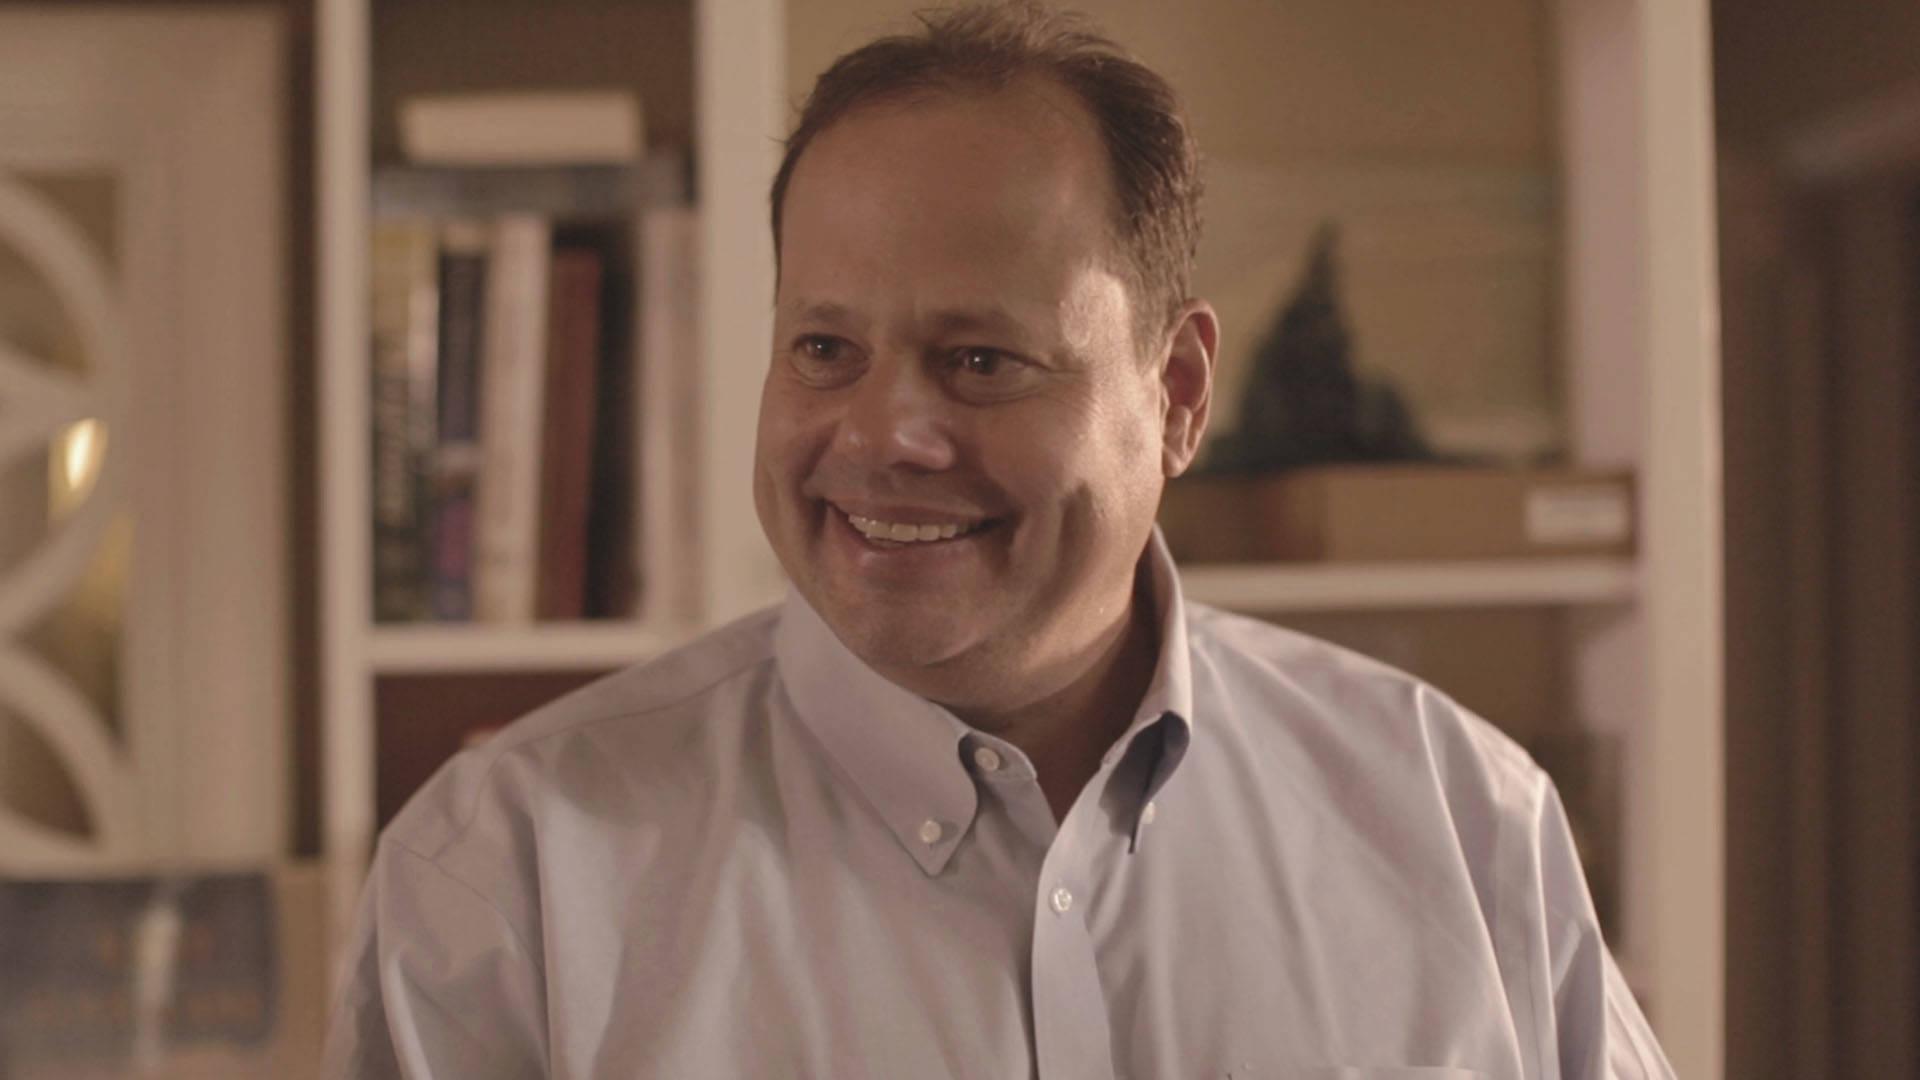 Gary Kremen, fundador do site Match.com, conta como ganhou dinheiro com o domínio Sex.com, que posteriormente foi roubado e gerou processo na justiça.